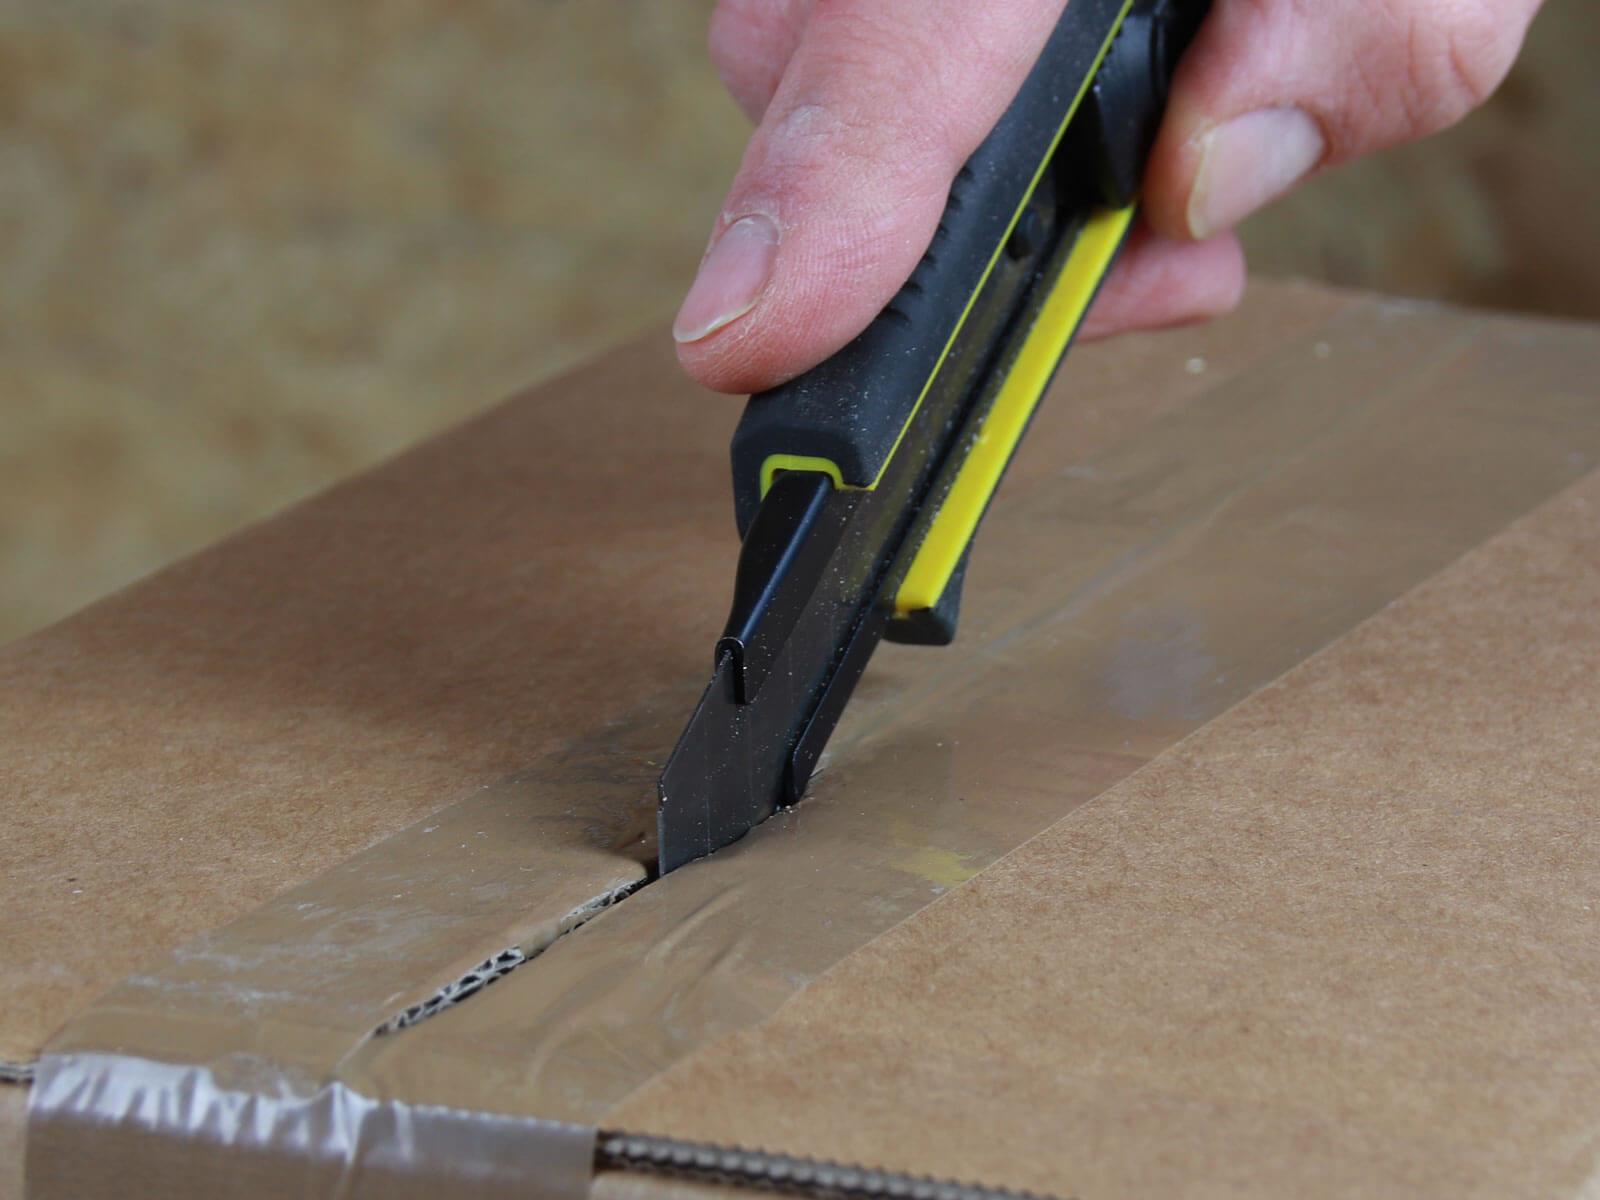 C061 Cuttermesser Klebeband schneiden CURT-tools